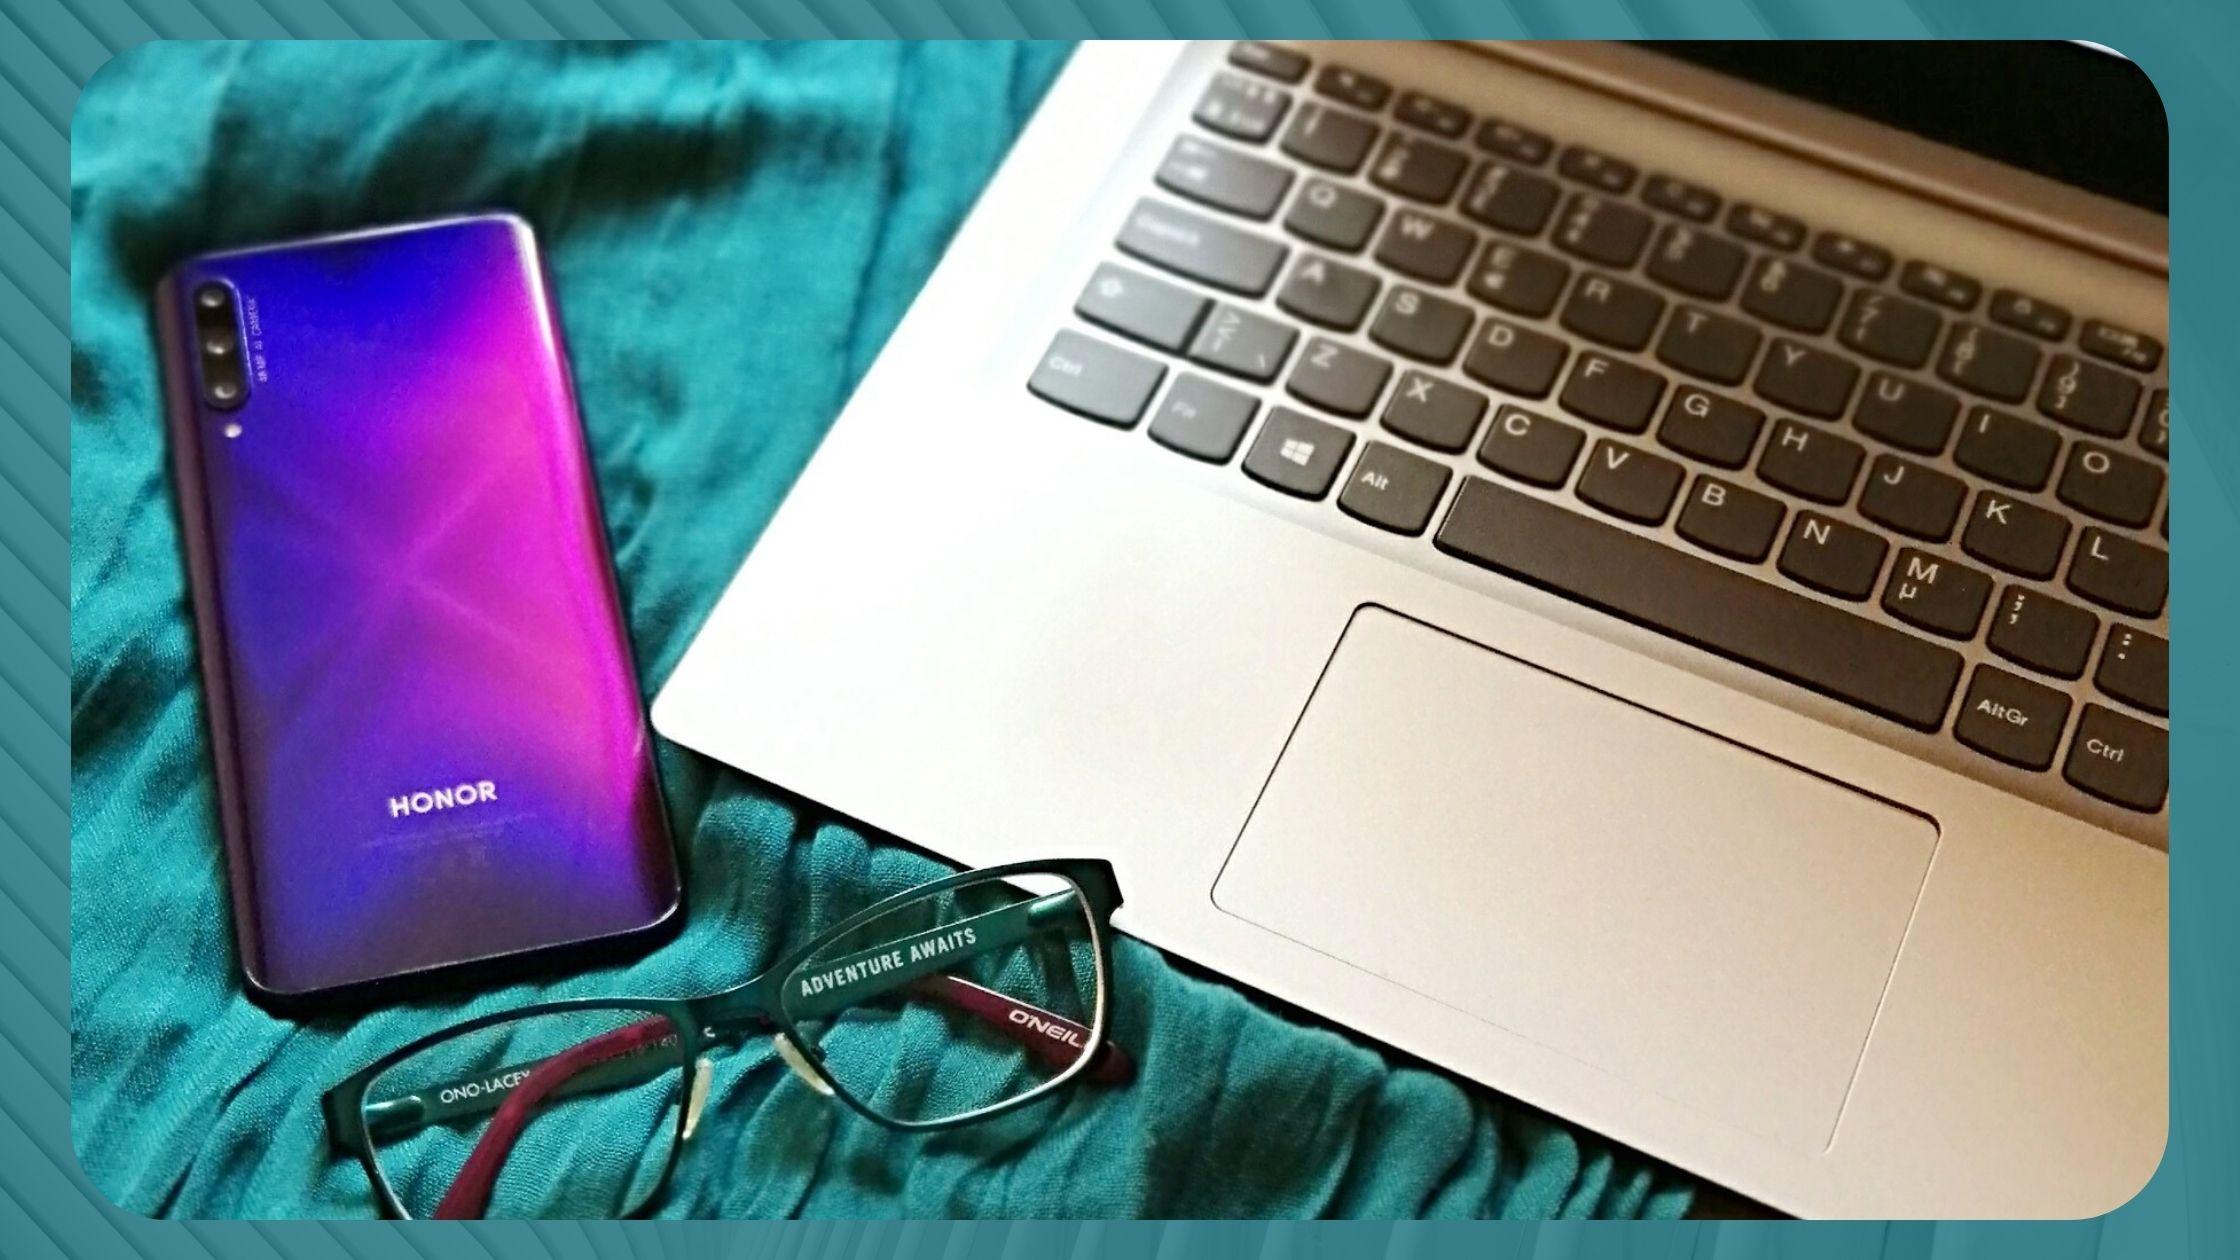 Digimarkkinointia hoidetaan tietokoneilla ja muilla älylaitteilla.